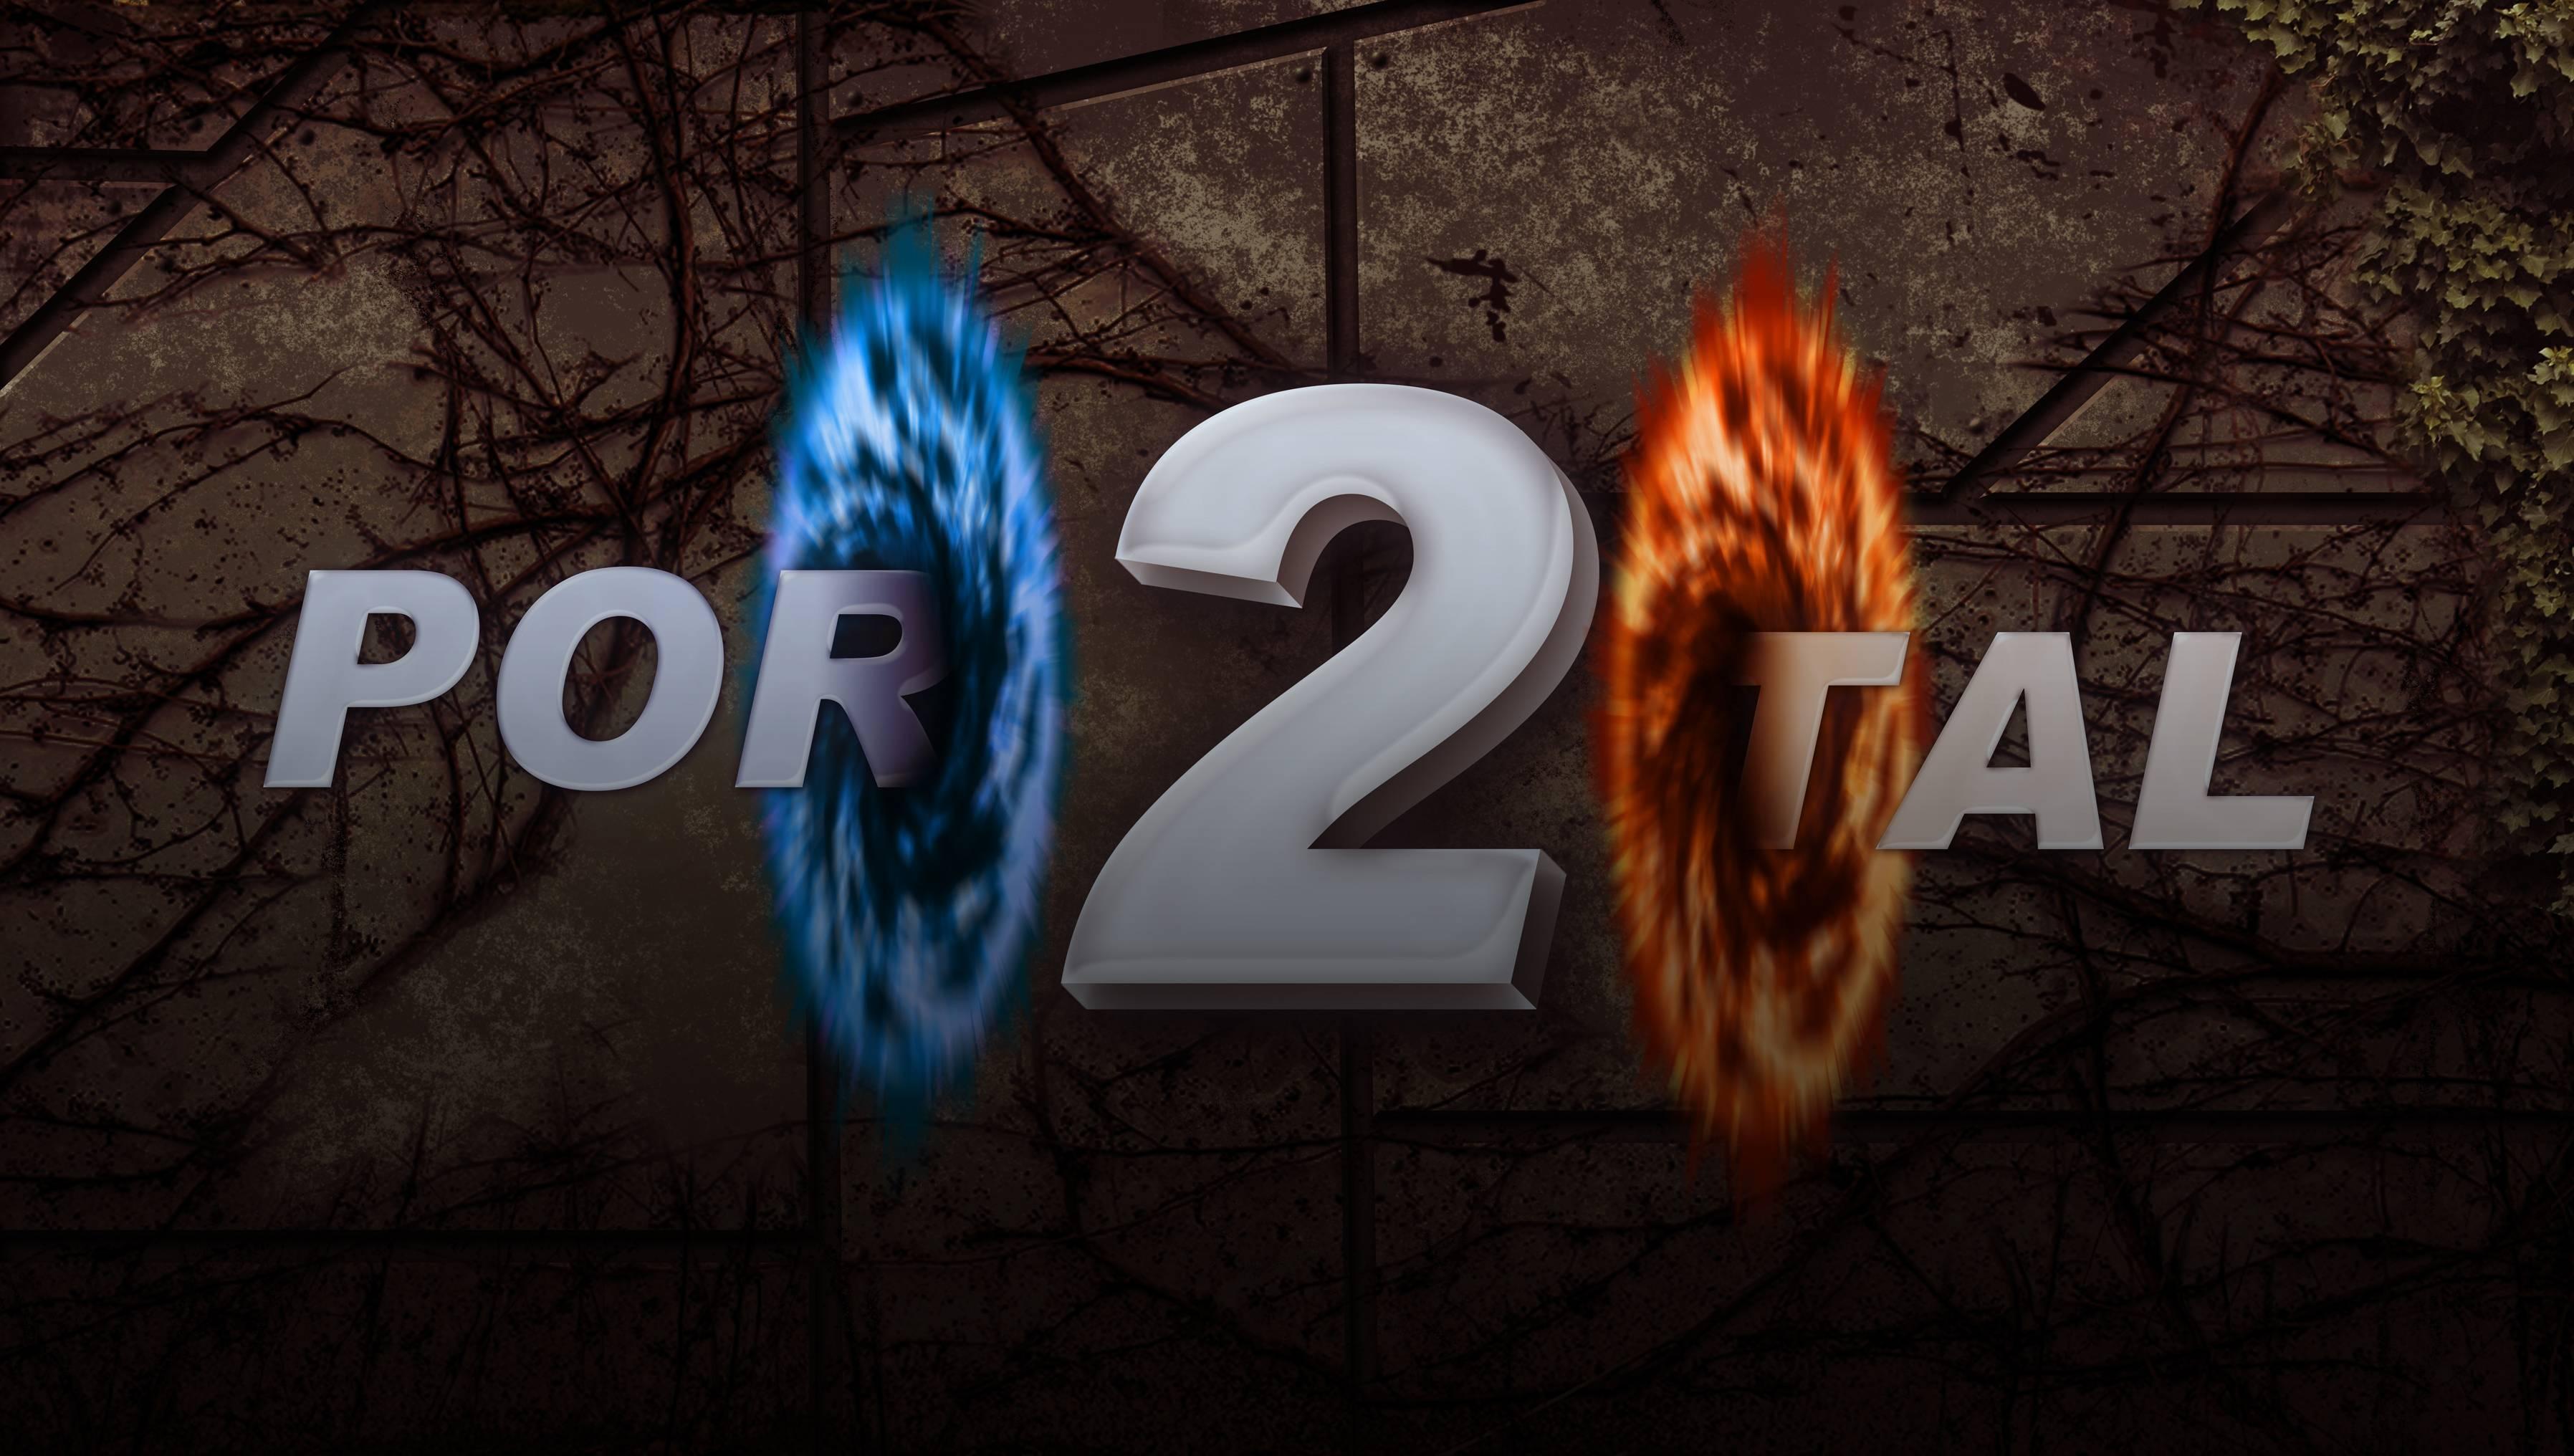 Portal 2 Wallpapers - Wallpaper Cave